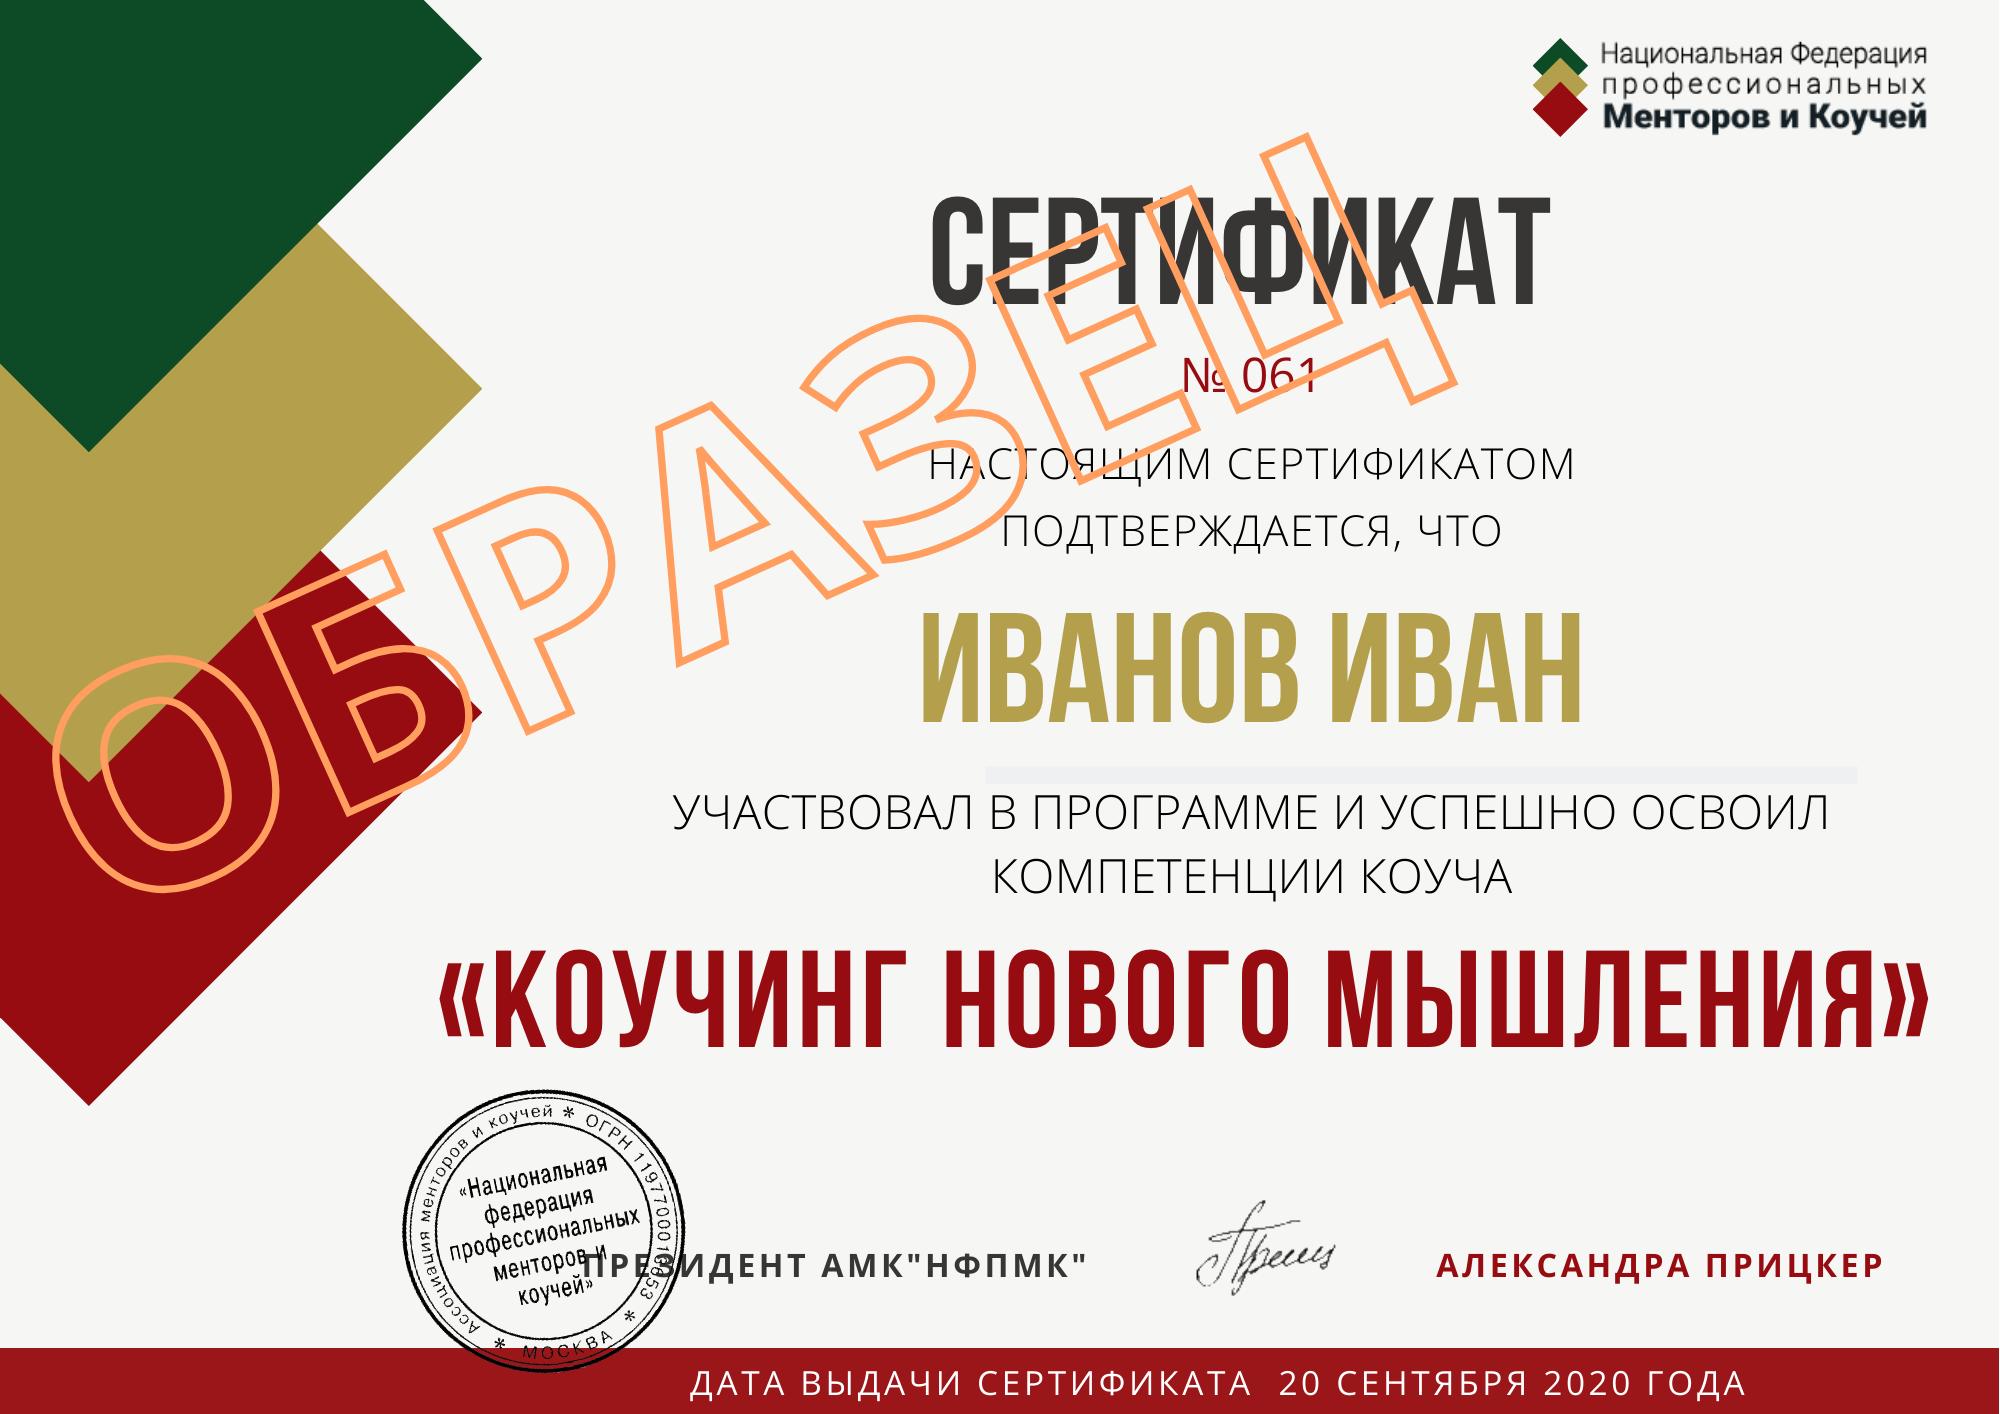 сертификат НФП, копия, копия, копия, копия, копия (2)